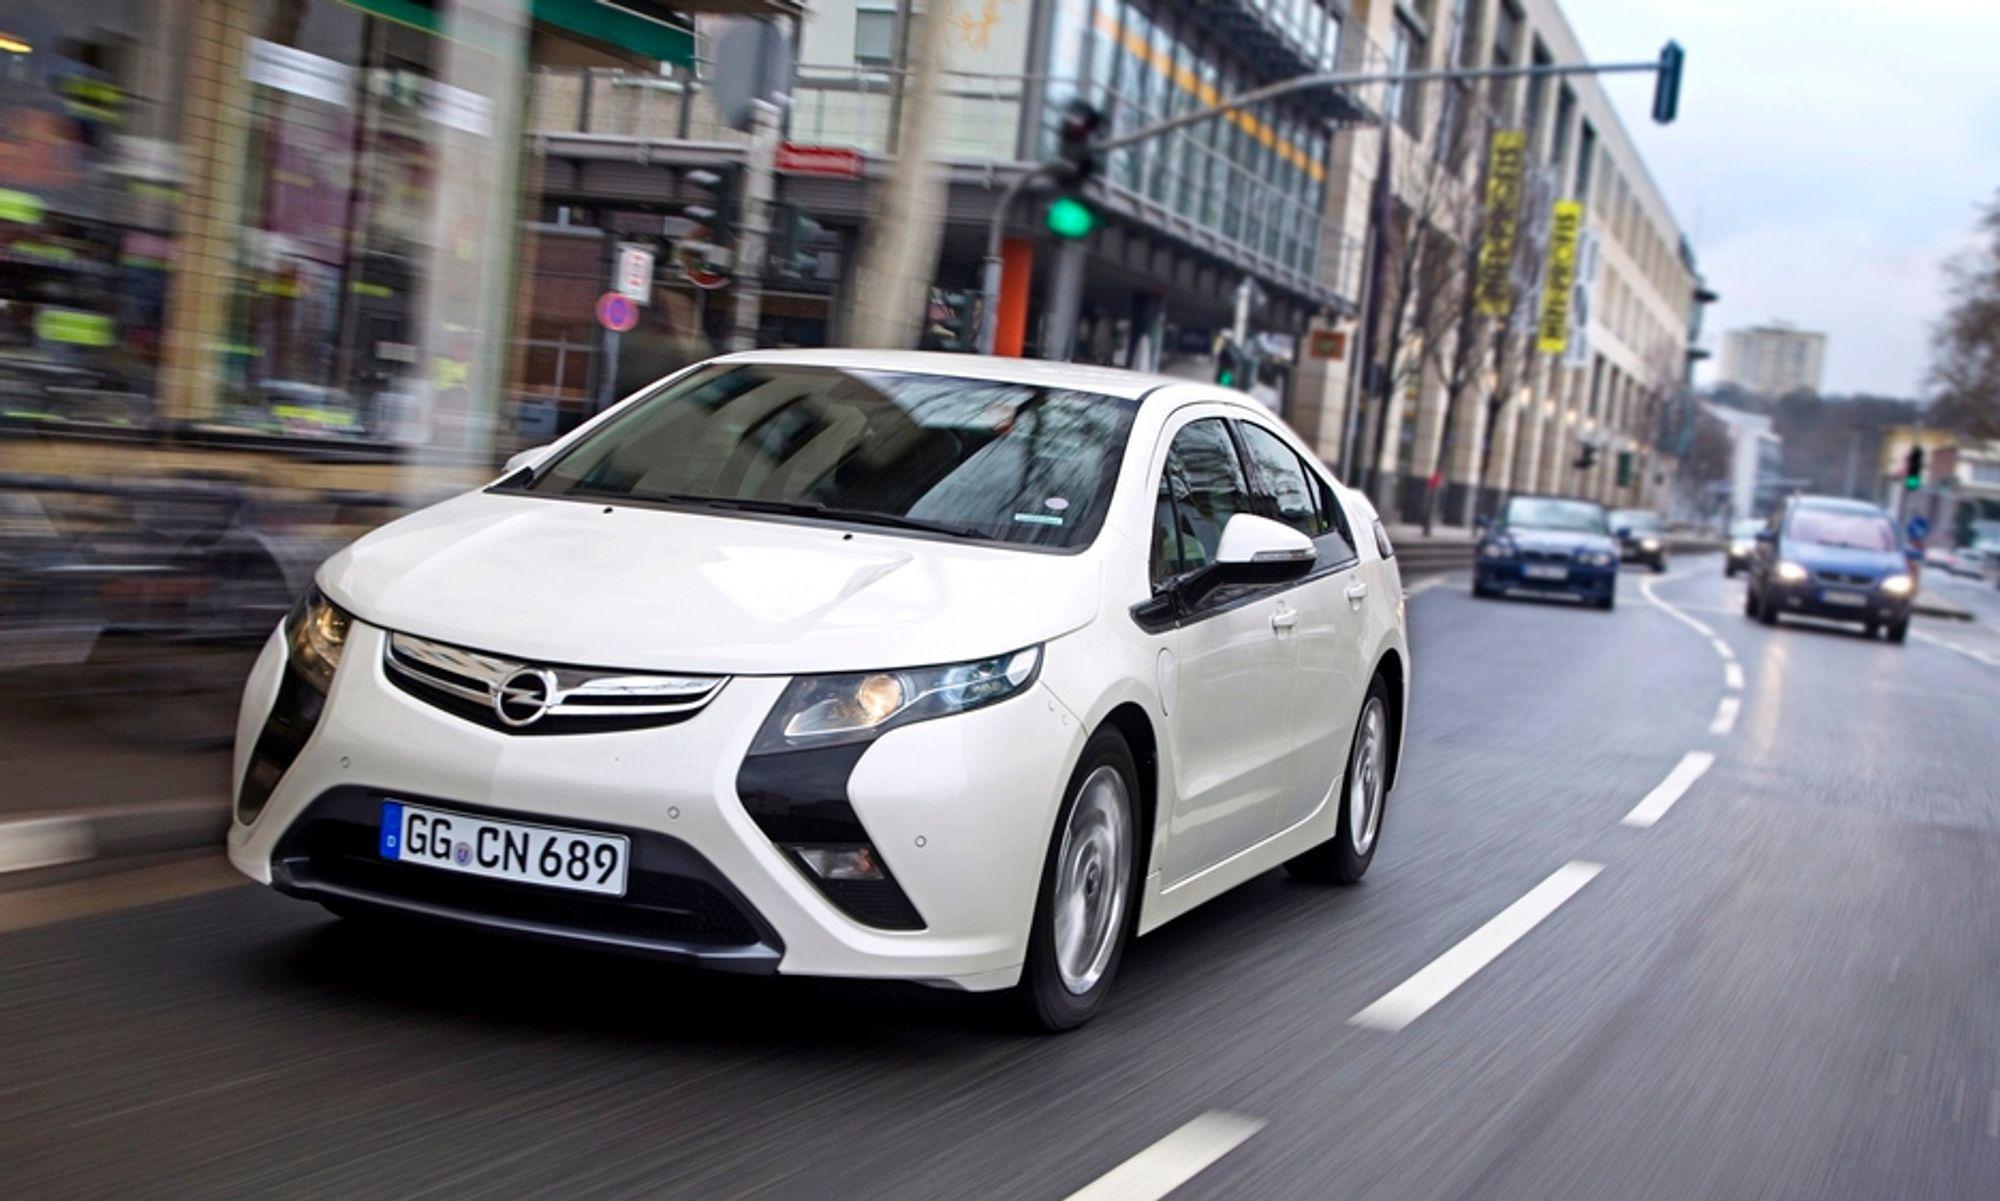 Ladbare hybrider som Opel Ampera vil bli langt billigere dersom Venstre får gjennomslag i budsjettforhandlingene.